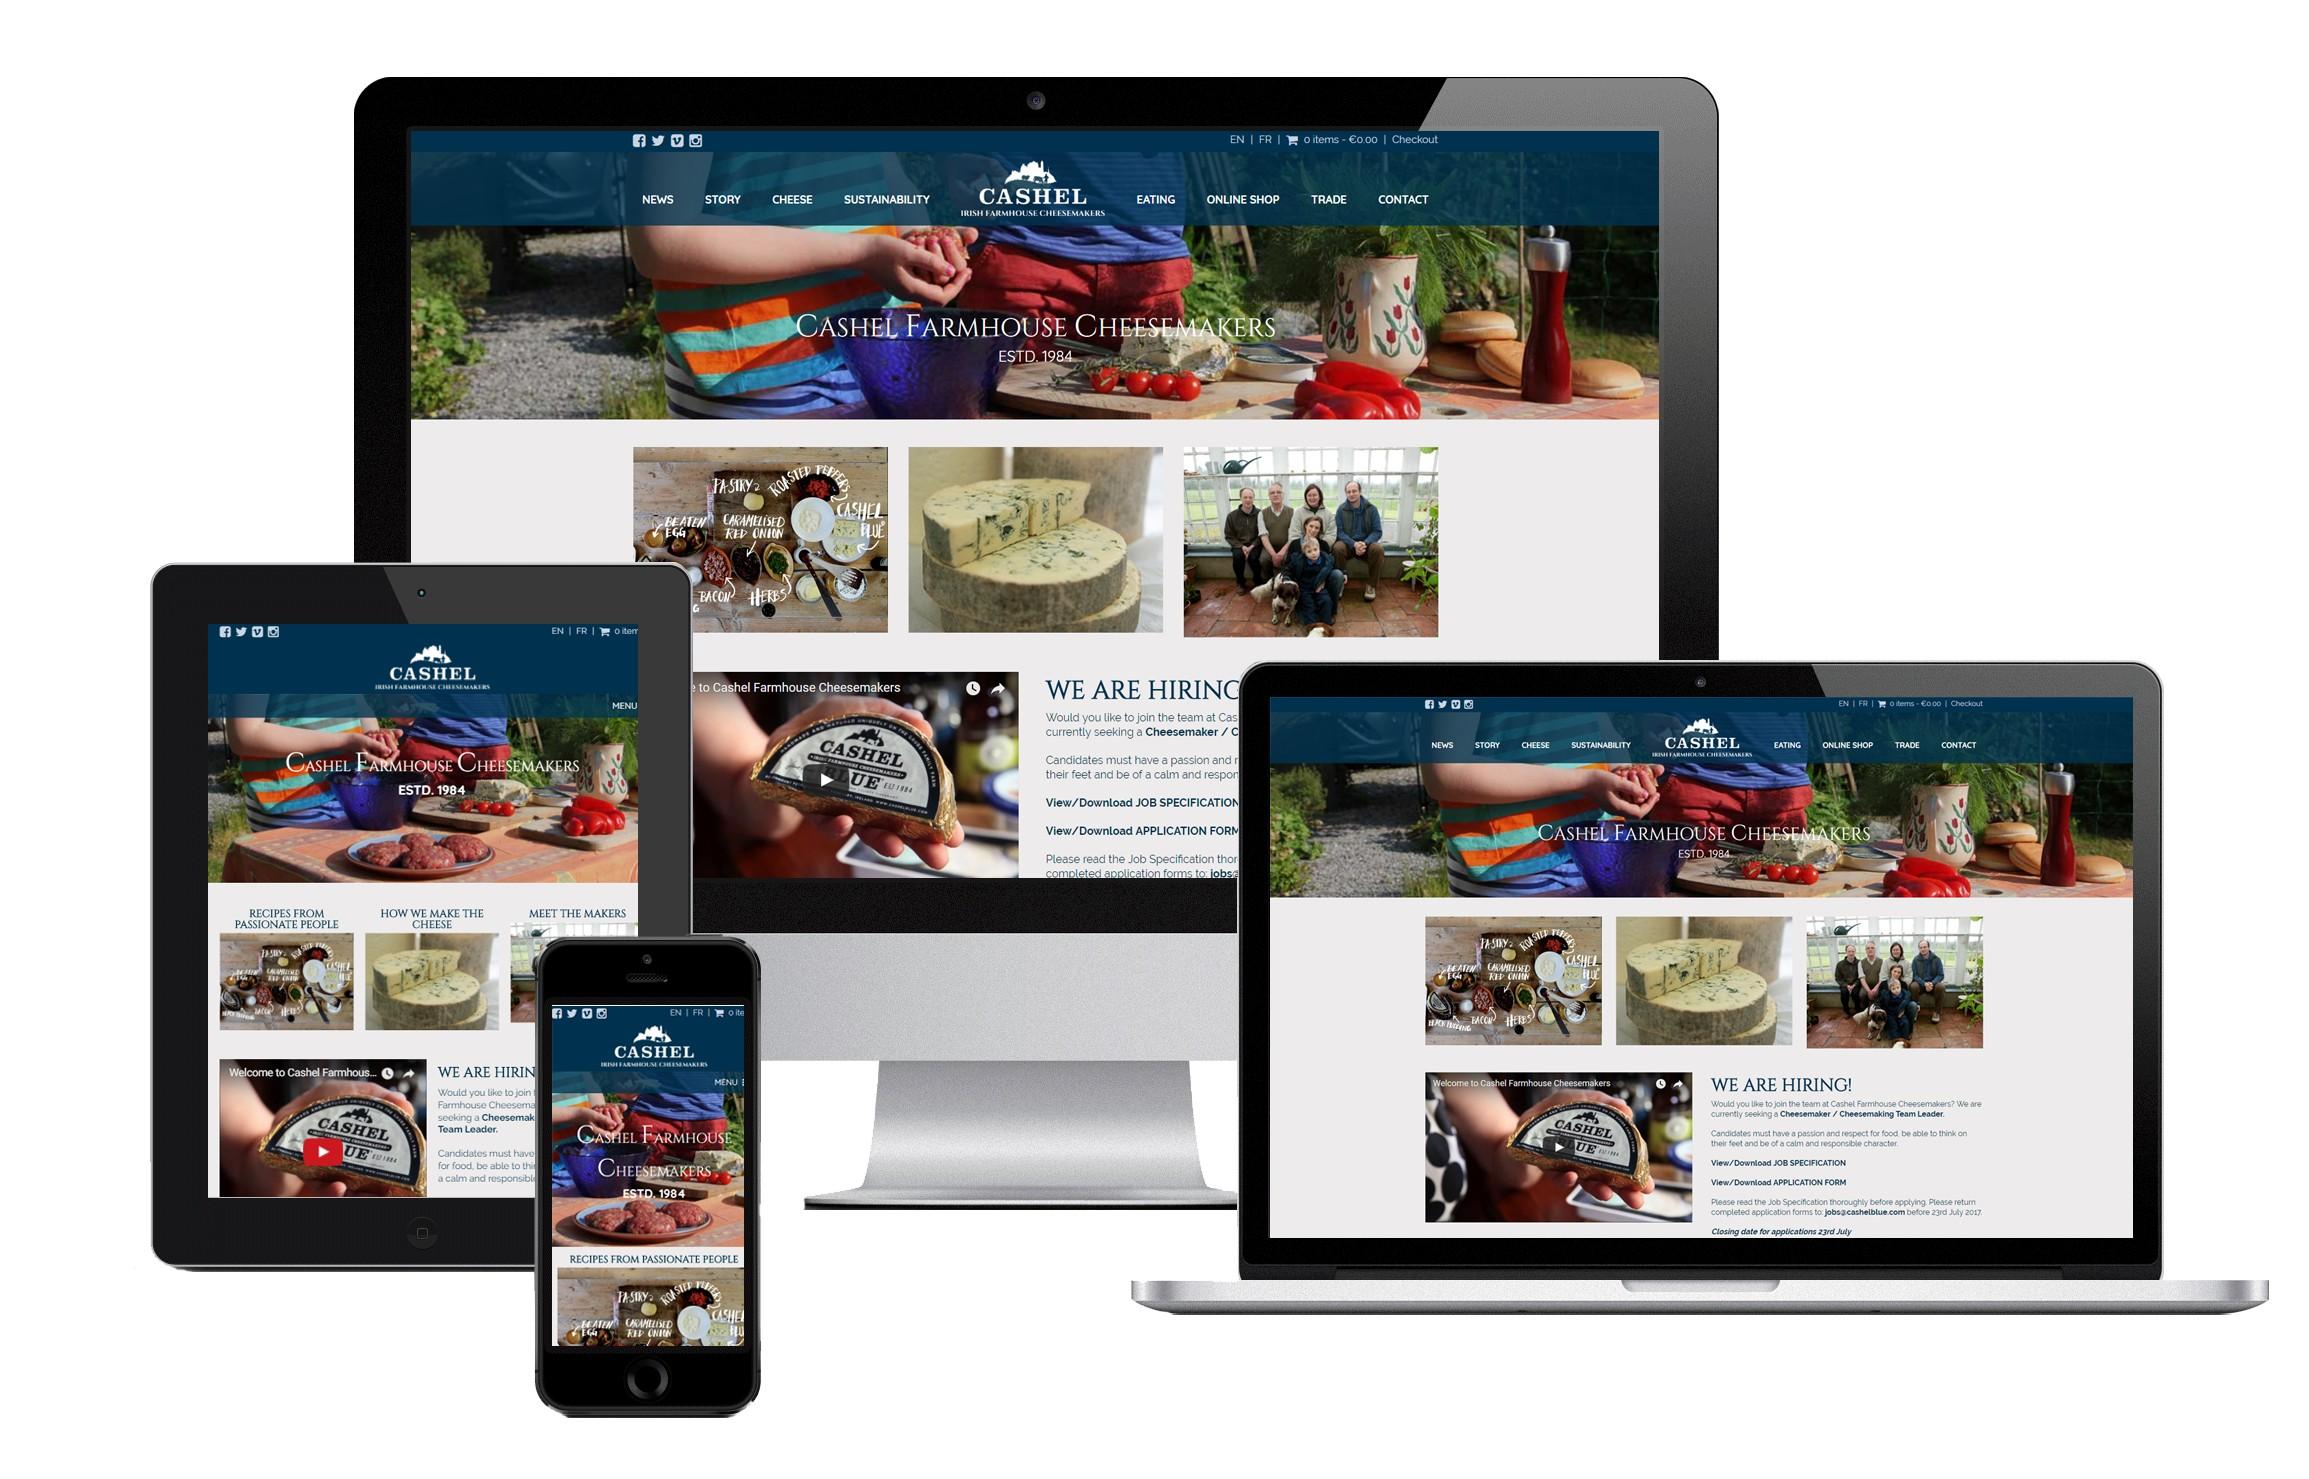 Responsive Website Design Images for Inspiration Marketing's Website